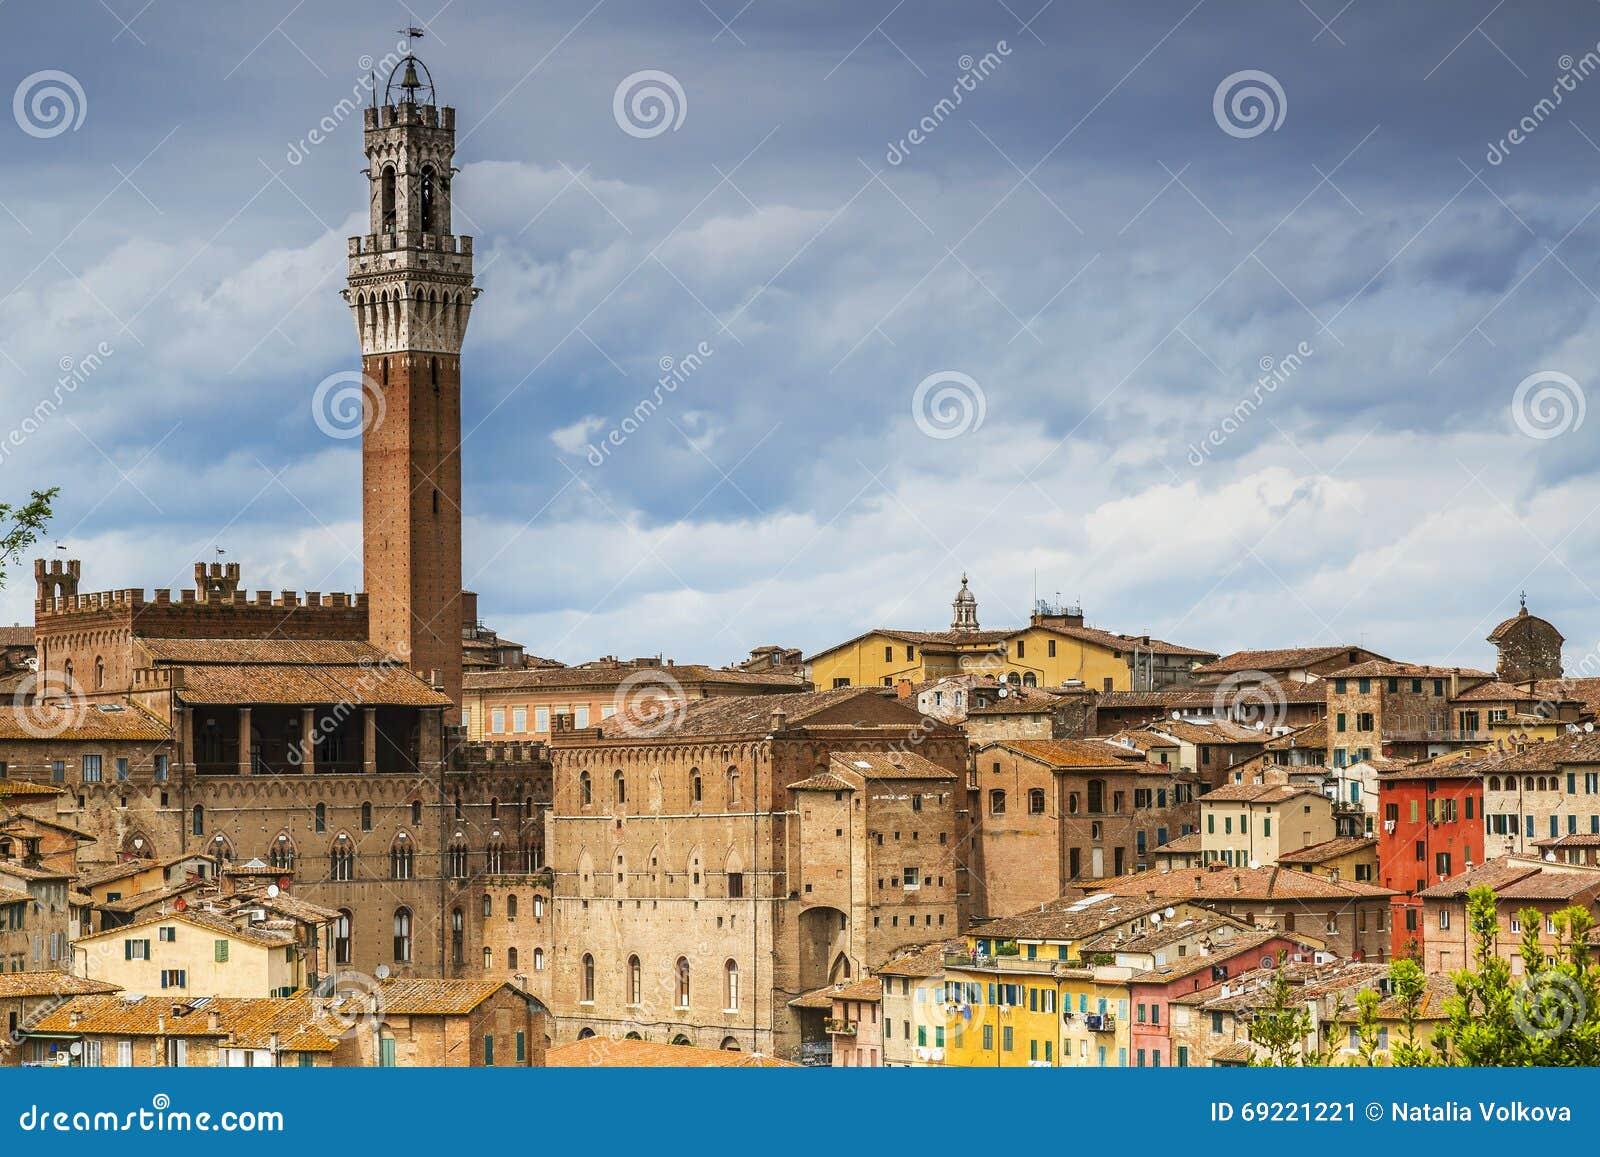 Arquitetura da cidade do Sienna, Itália